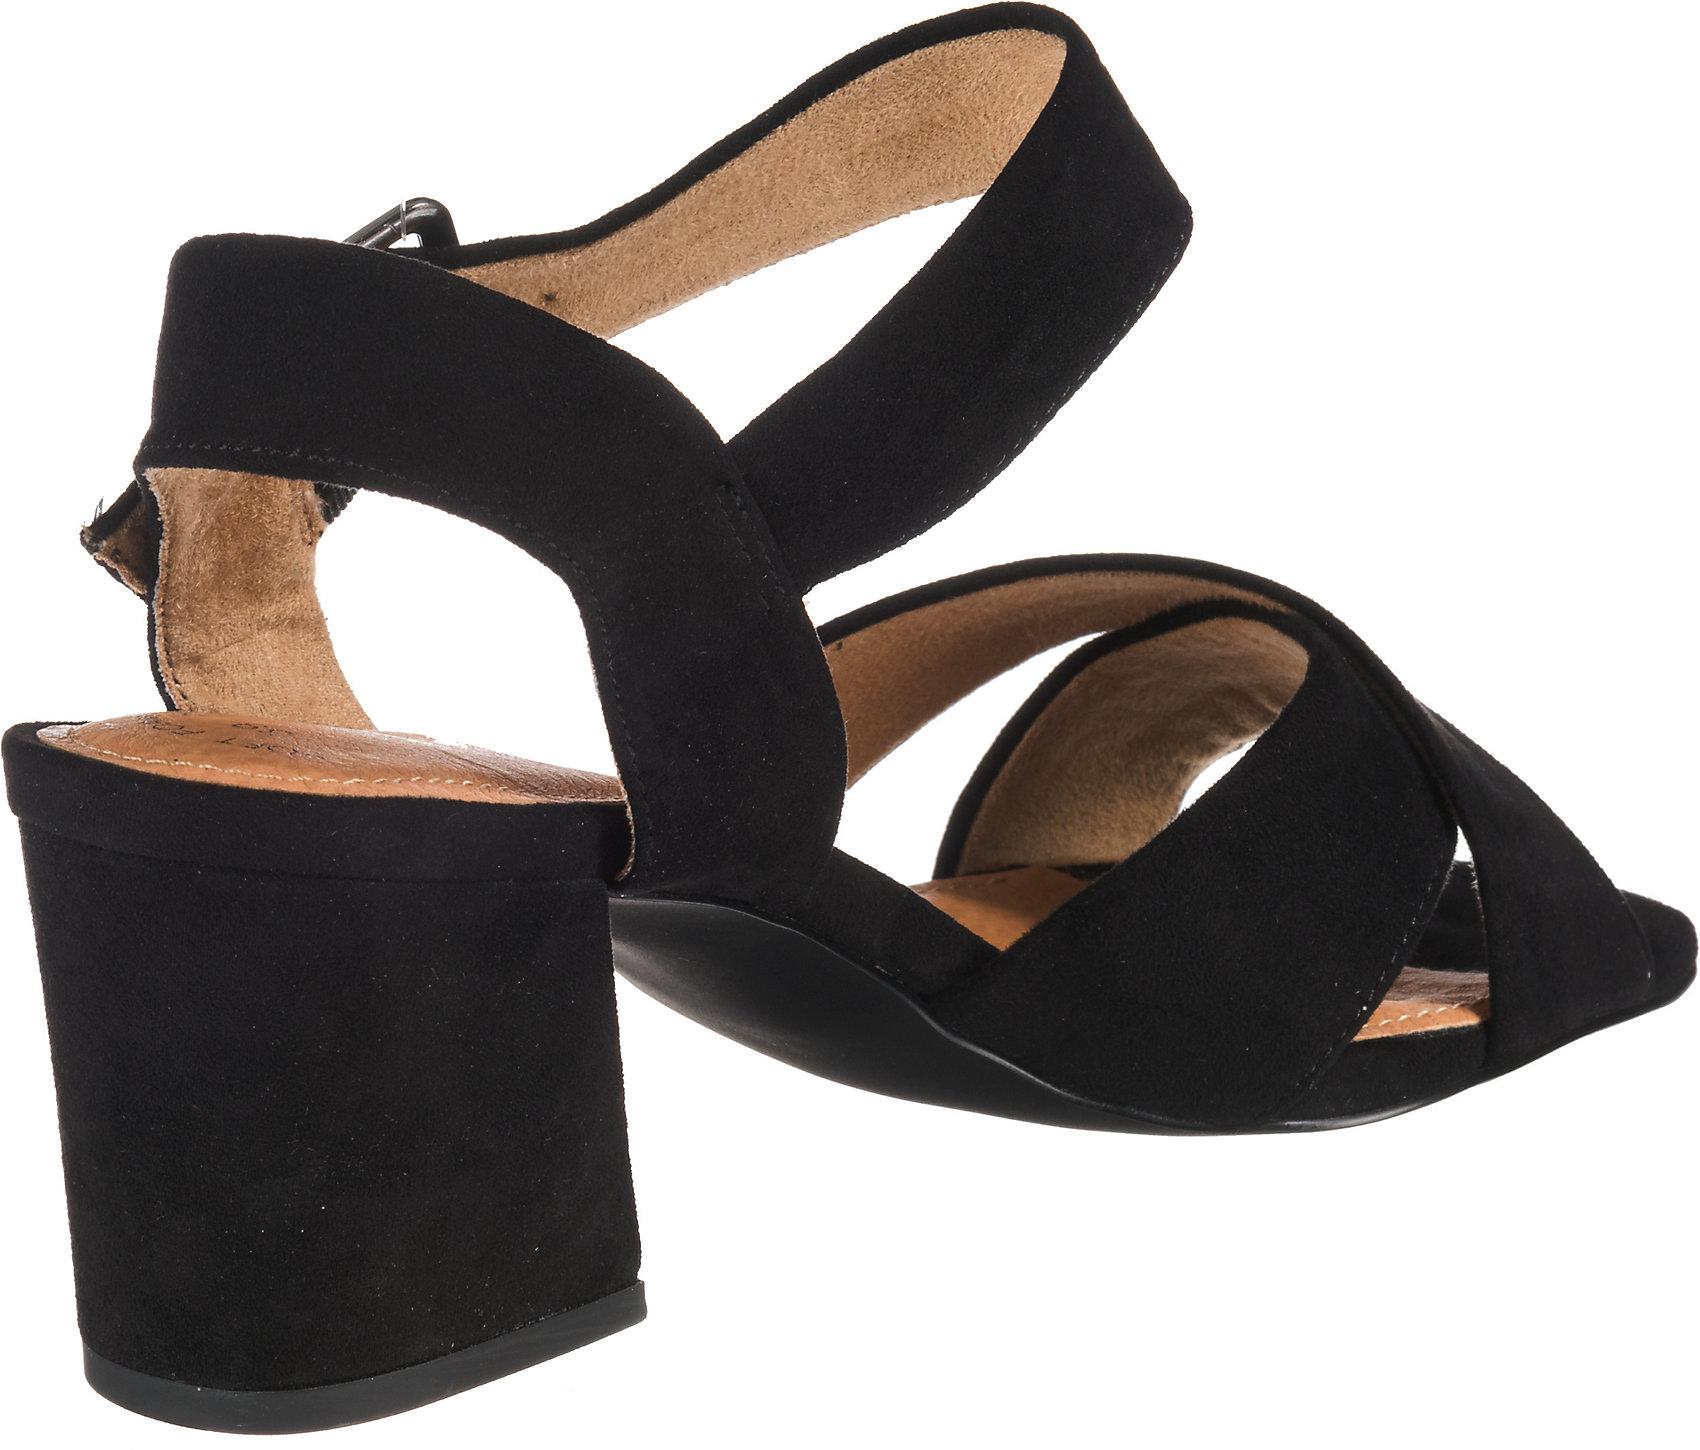 Neu s.Oliver Klassische Sandaletten 10736791 für Damen